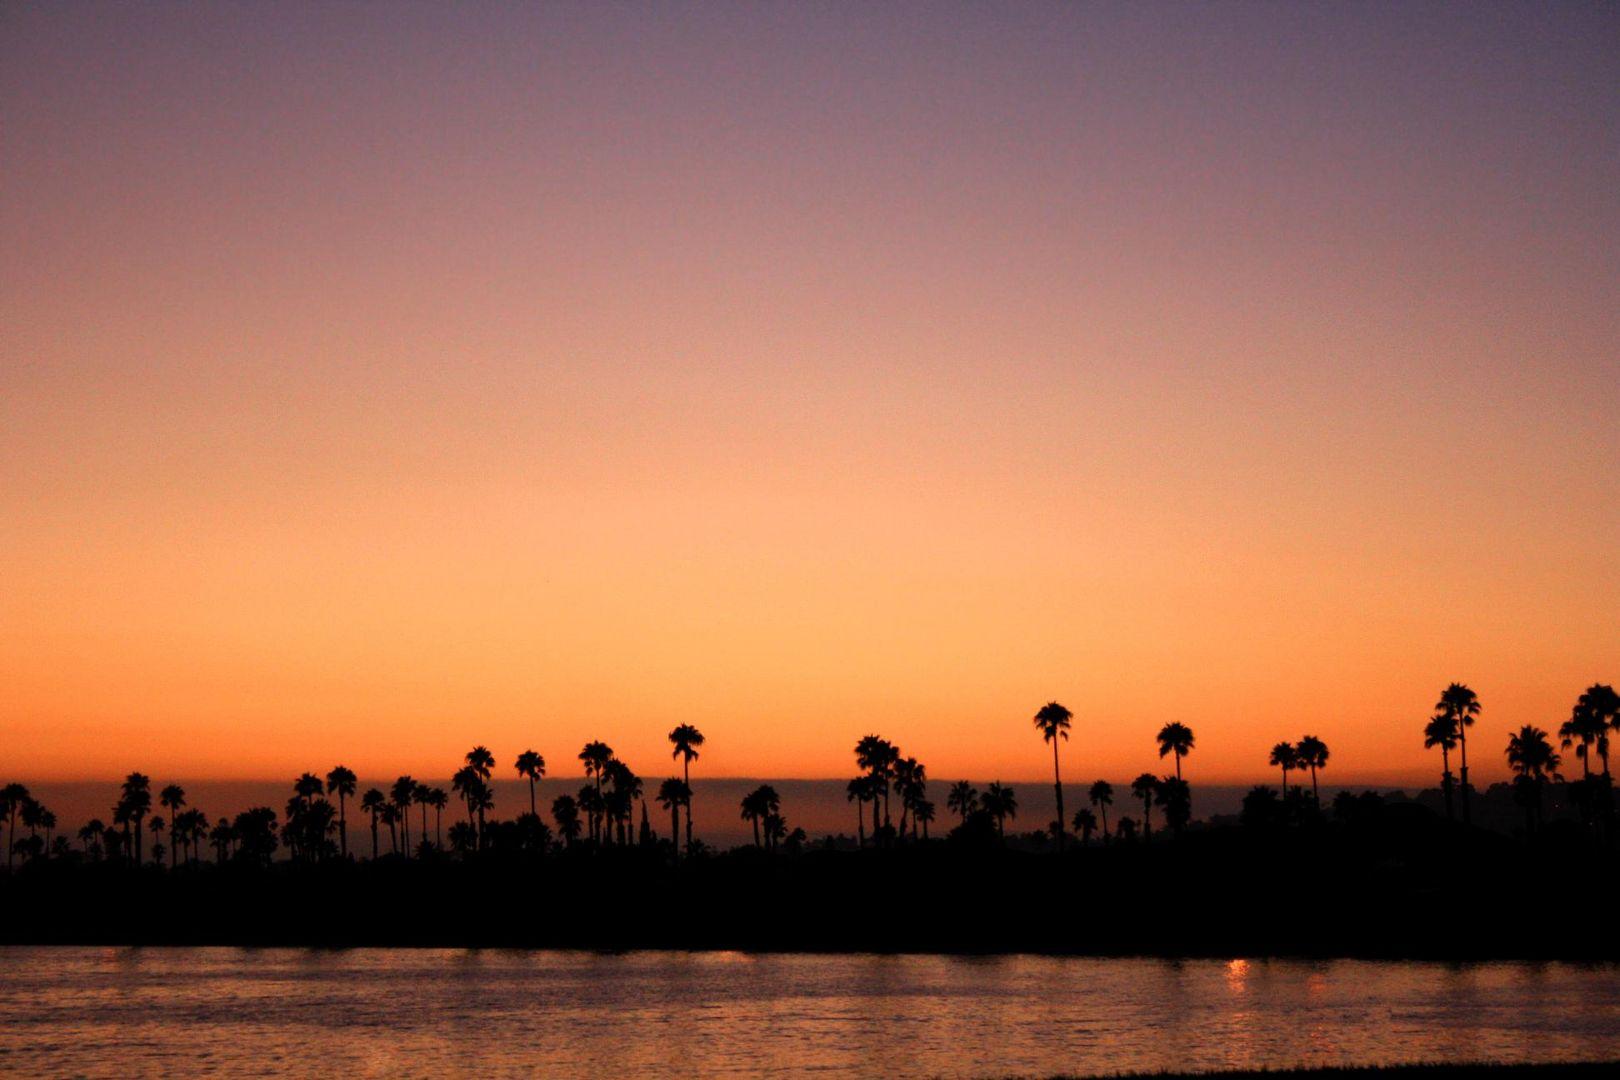 Mission Bay - San Diego